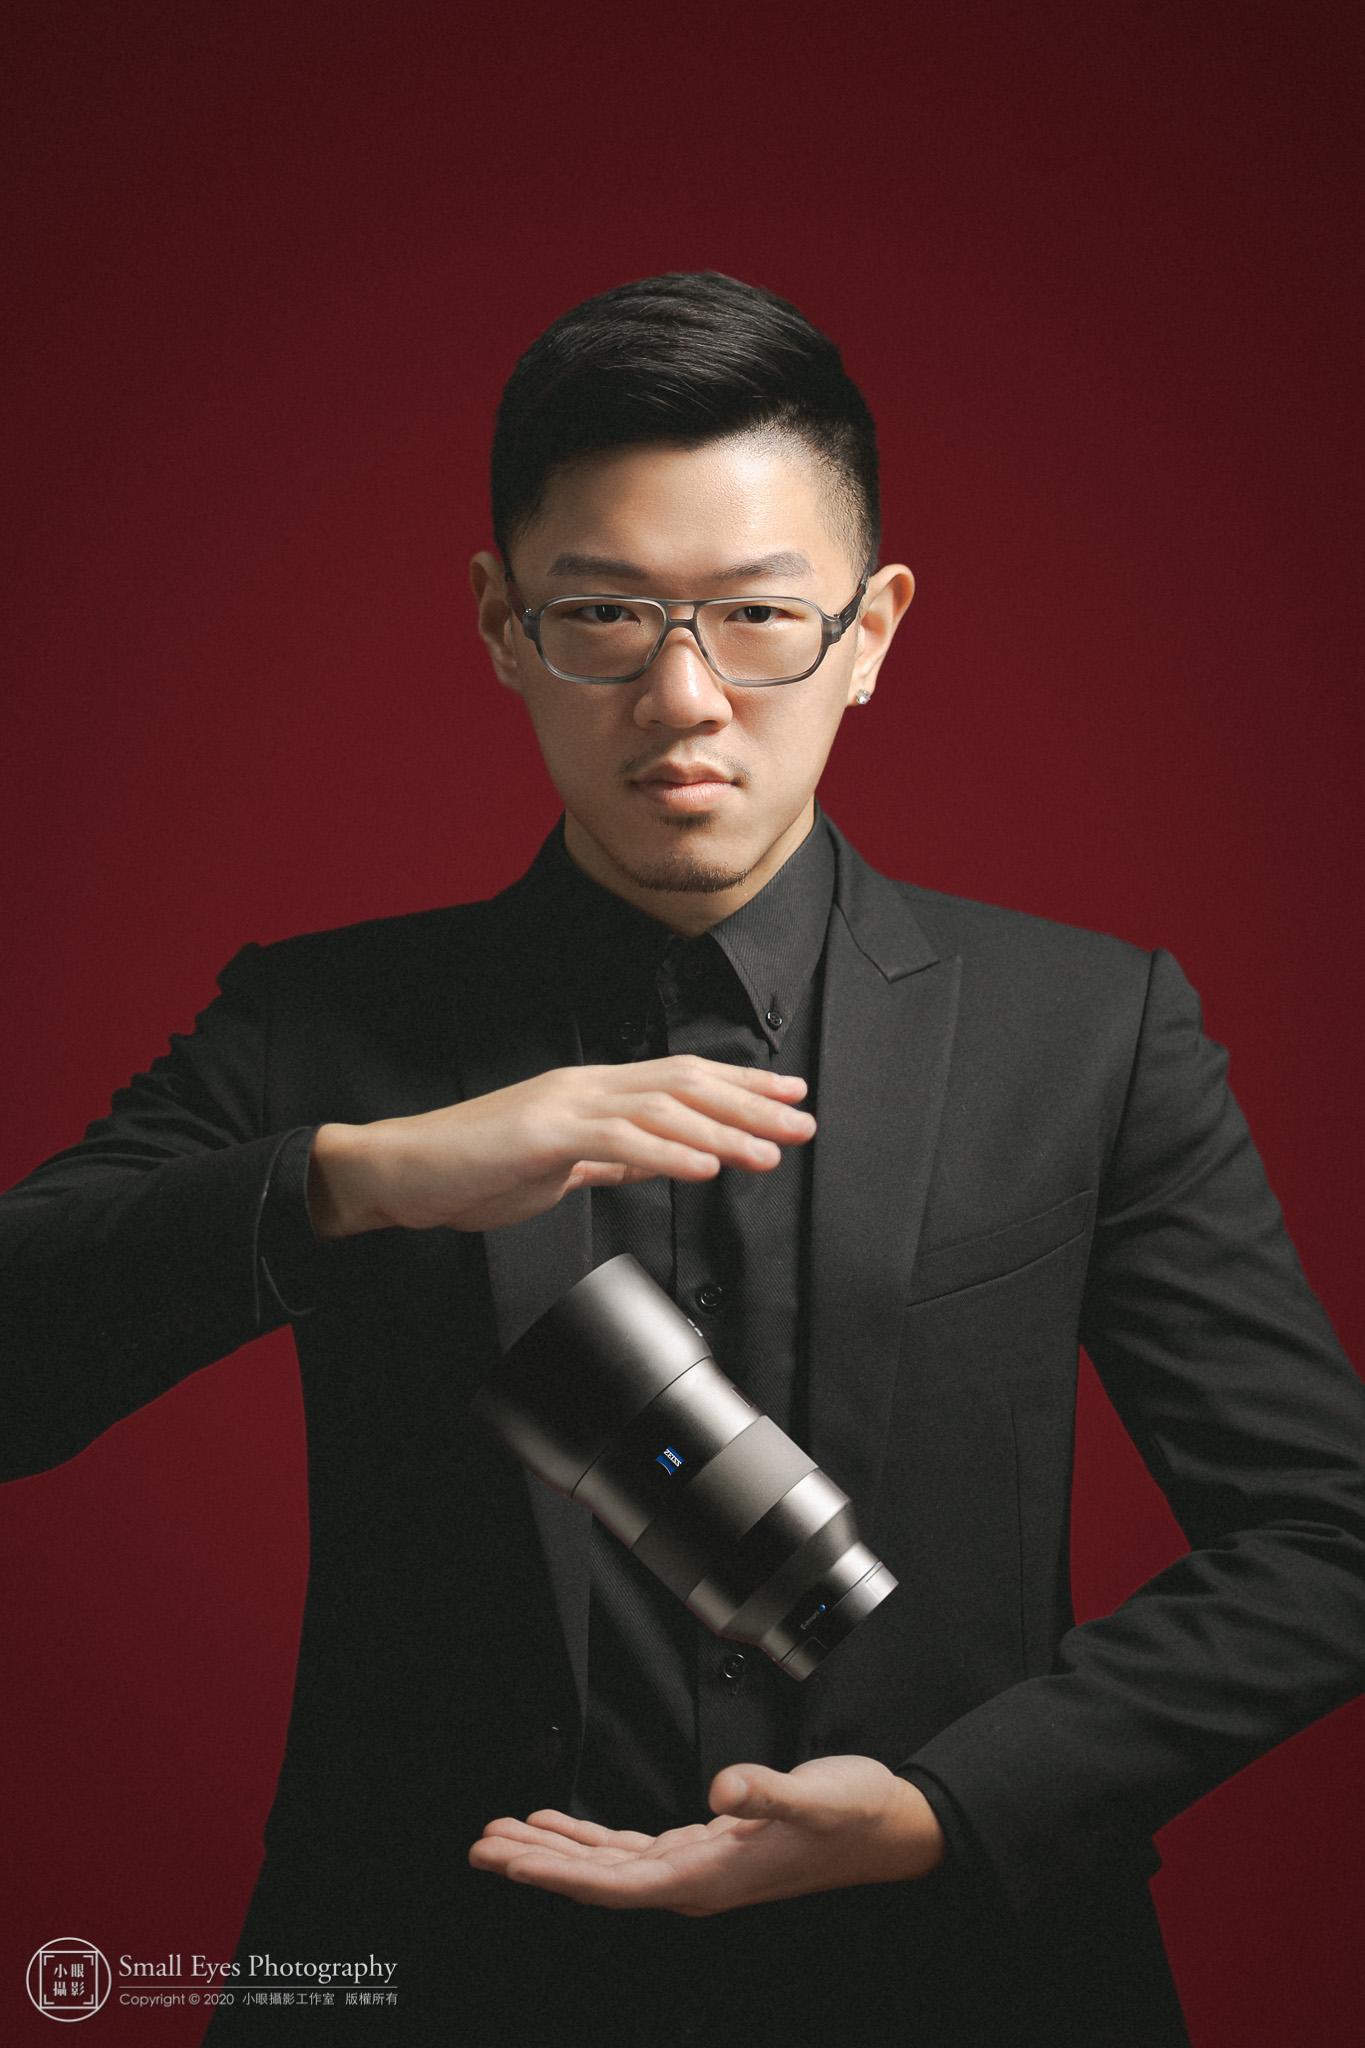 【形象照】 正成集團 2021年度品牌大使-小眼攝影形象照